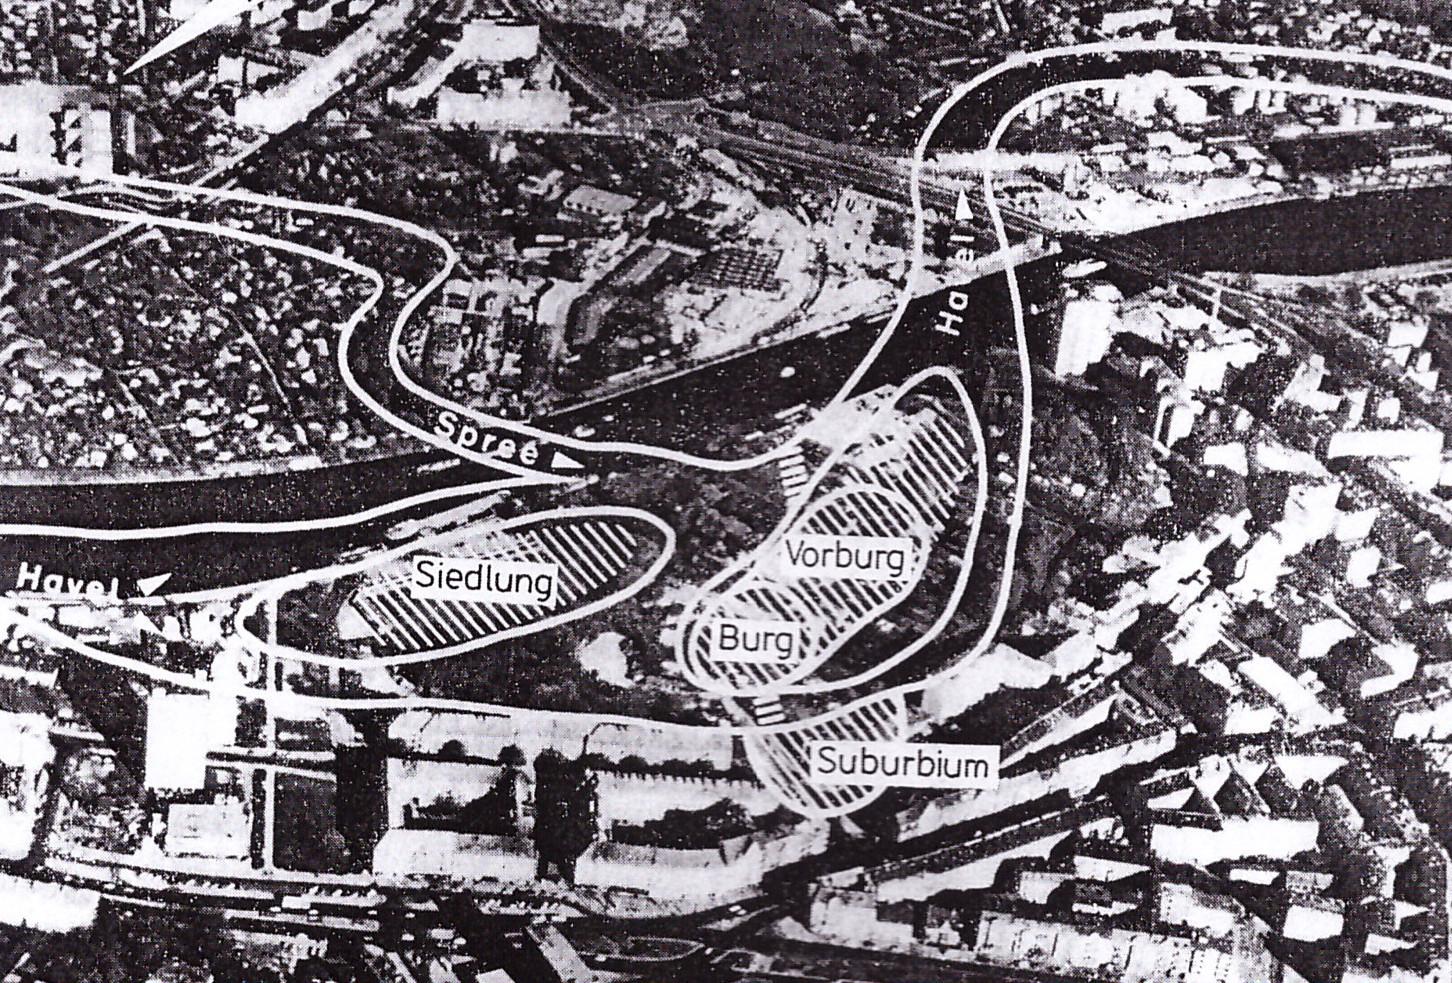 Položaj grada i podgrađa Spandova iz doba vojvode Jakše, 12. vek, avio-snimak današnjeg dela Berlina, prema Hermanu